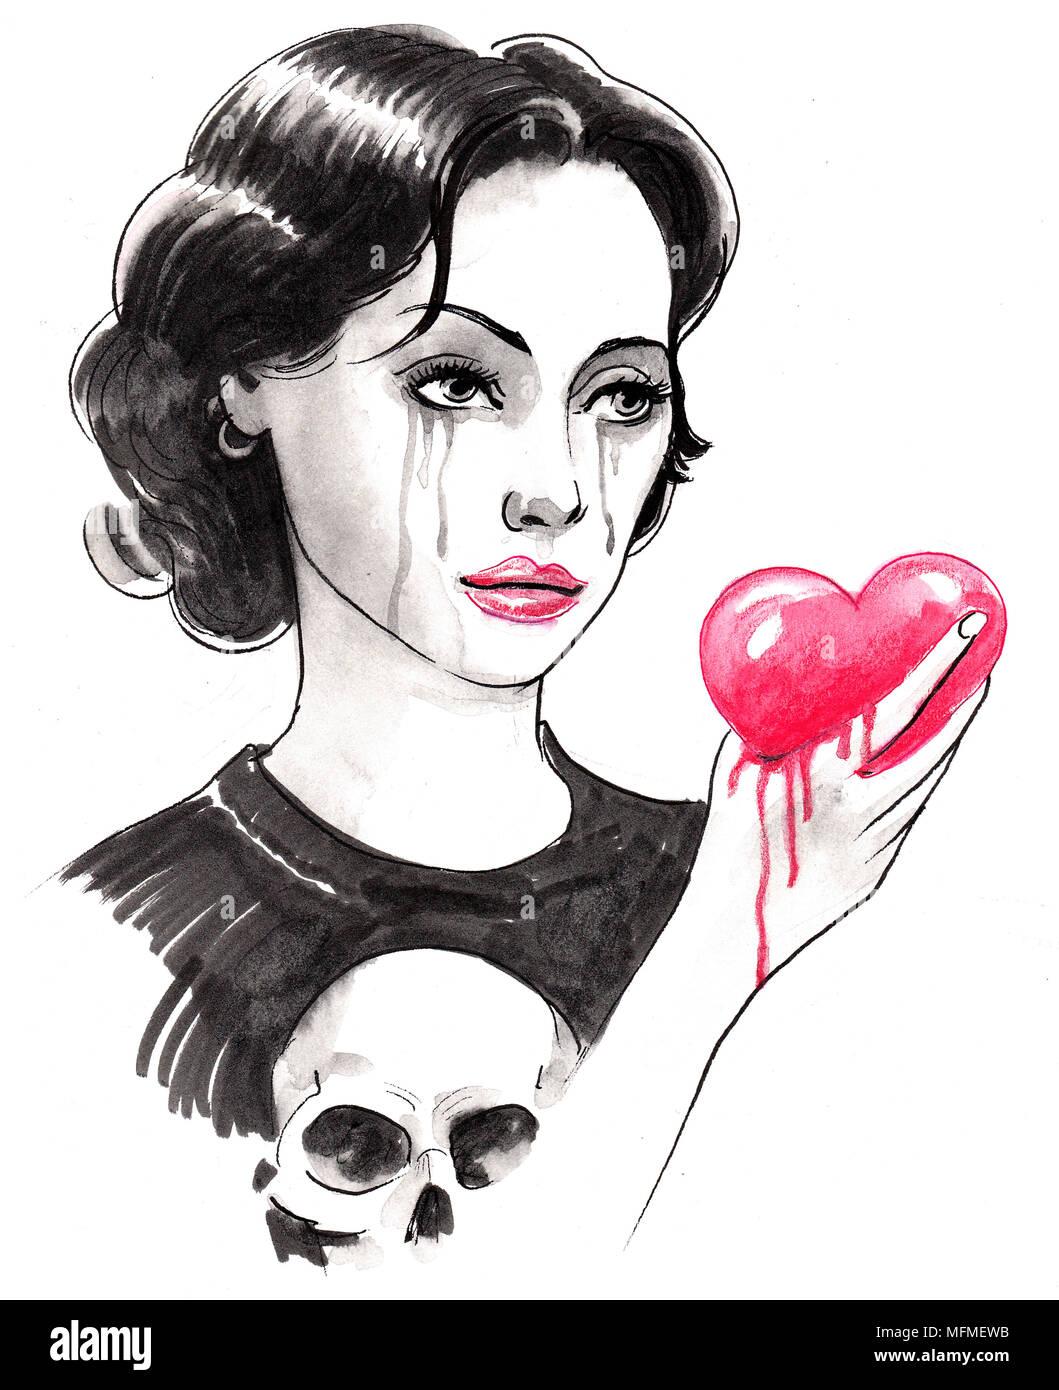 Llorando Chica Con Un Corazón Sangrando Tinta Dibujo En Blanco Y